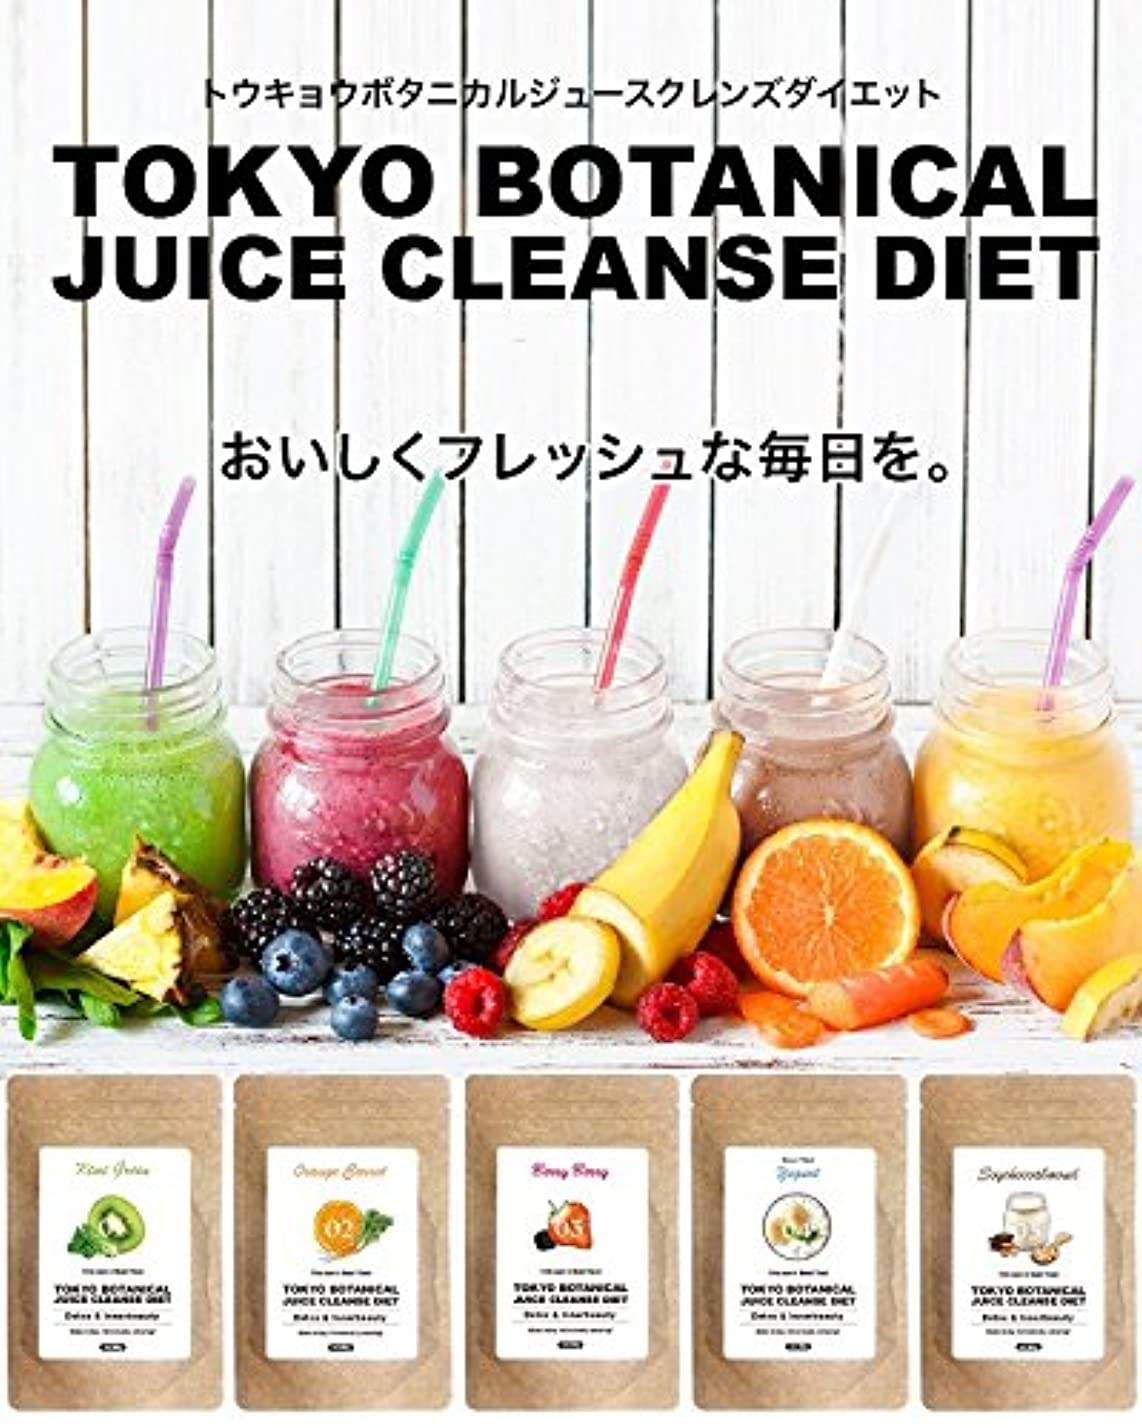 バンカー指世紀東京ボタニカルジュースクレンズダイエット オレンジキャロット&ソイチョコアーモンドセット